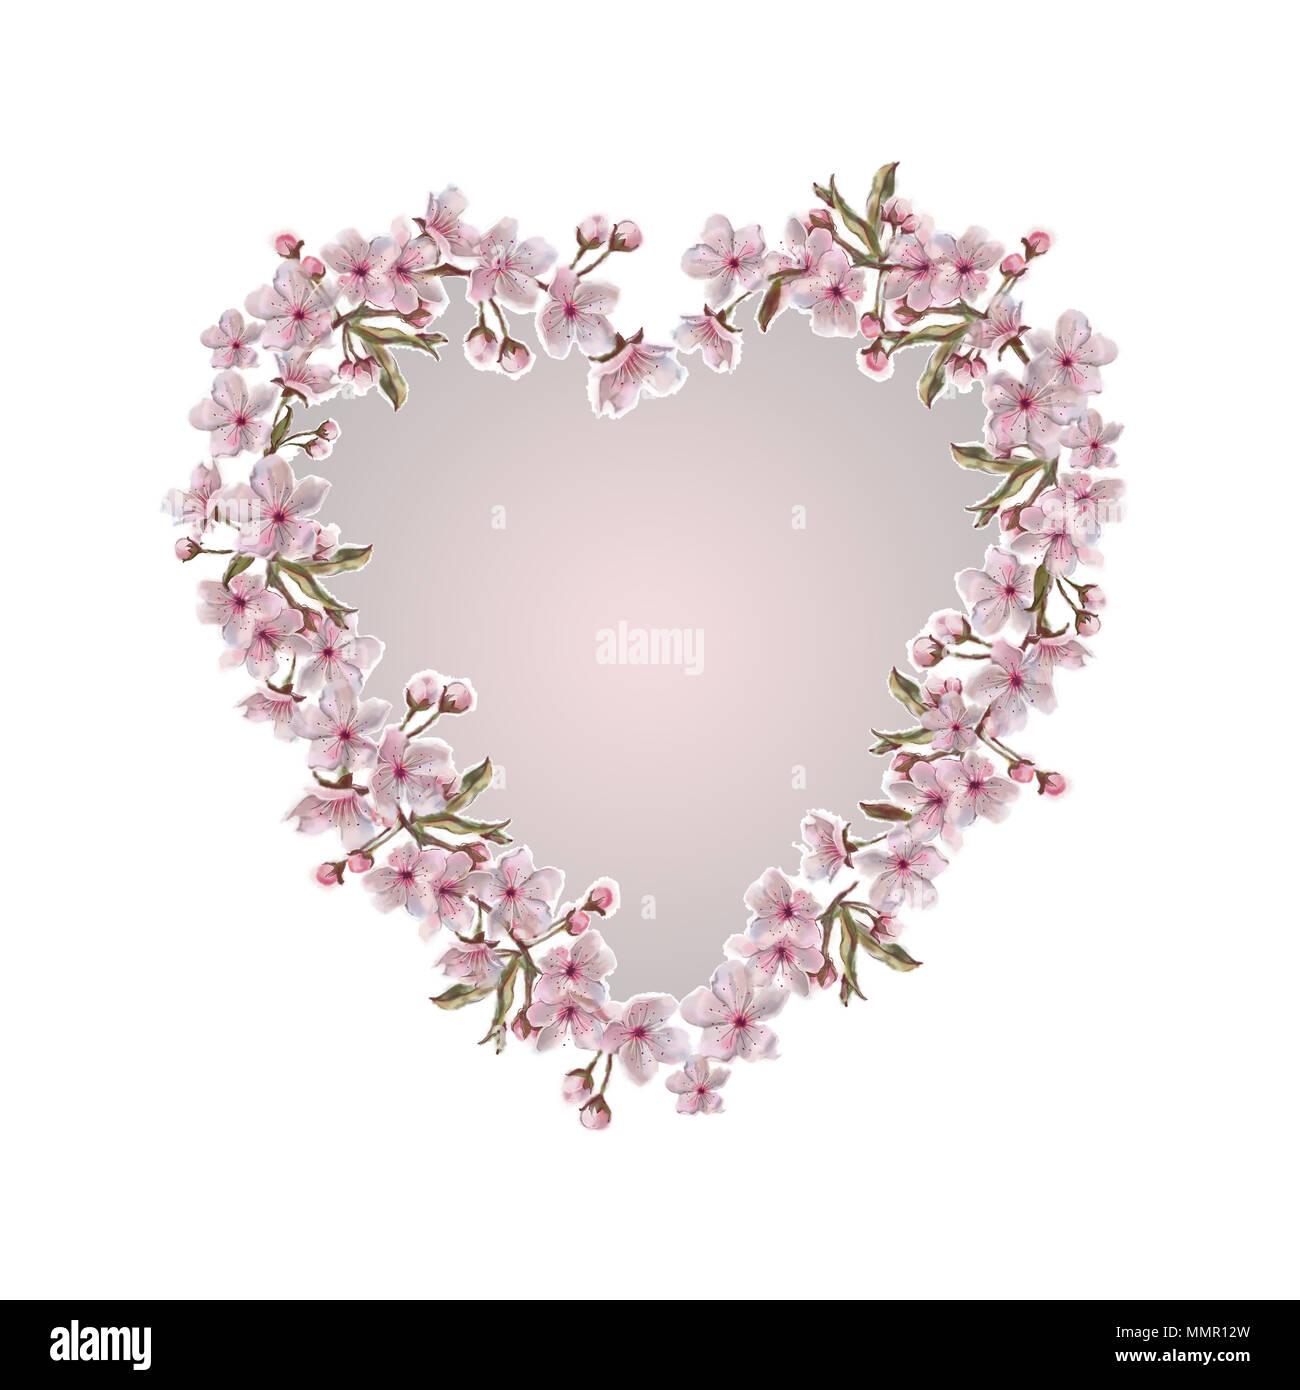 Frühling Blumen Kränze Frames mit Rosa Kern Hintergrund. Romantische ...